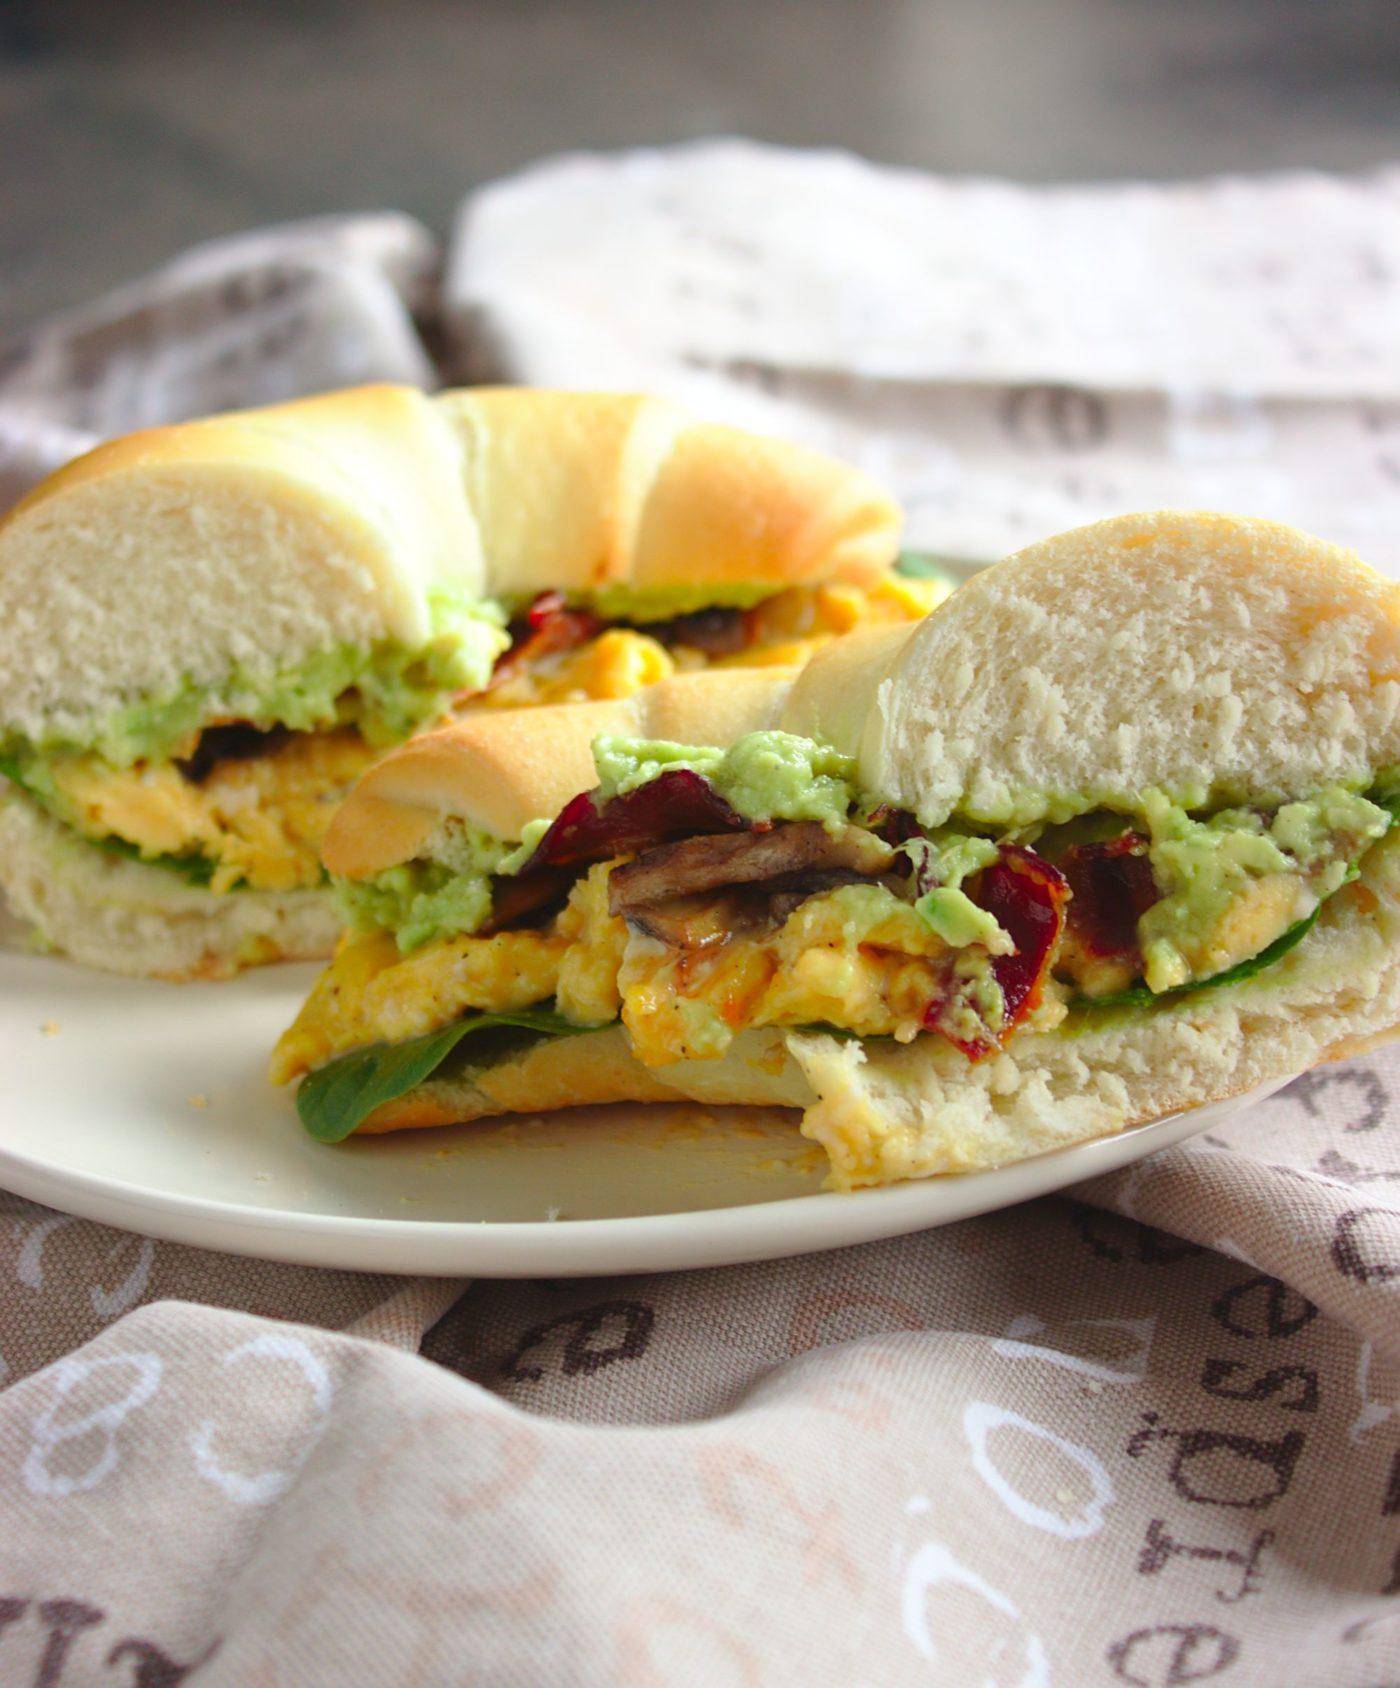 kanapki-sniadaniowe-z-jajecznica-bekonem-i-guacamole (2)